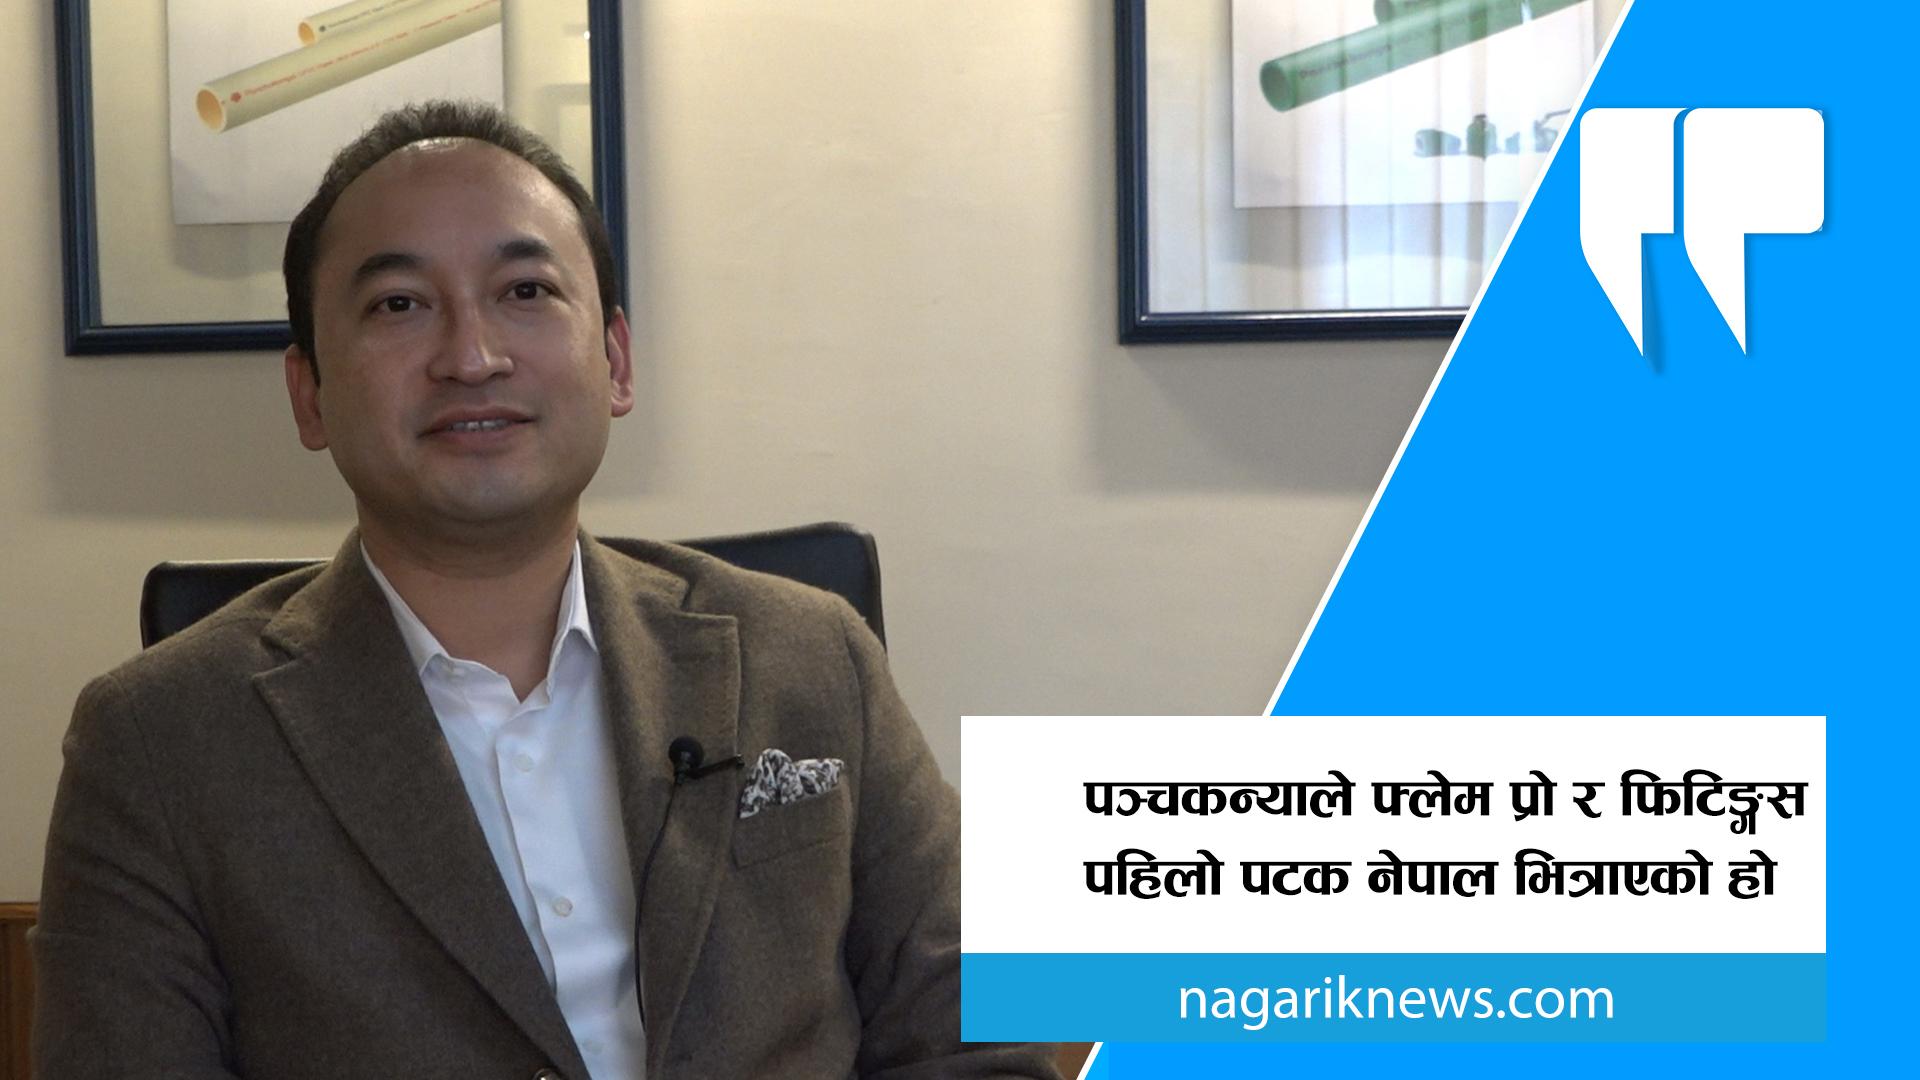 पंचकन्याले फ्लेम प्रो पाइप र फ़िटीङ्ग्स पहिलो पटक नेपाल भित्राएको हो। (भिडियो अन्तरवार्ता)